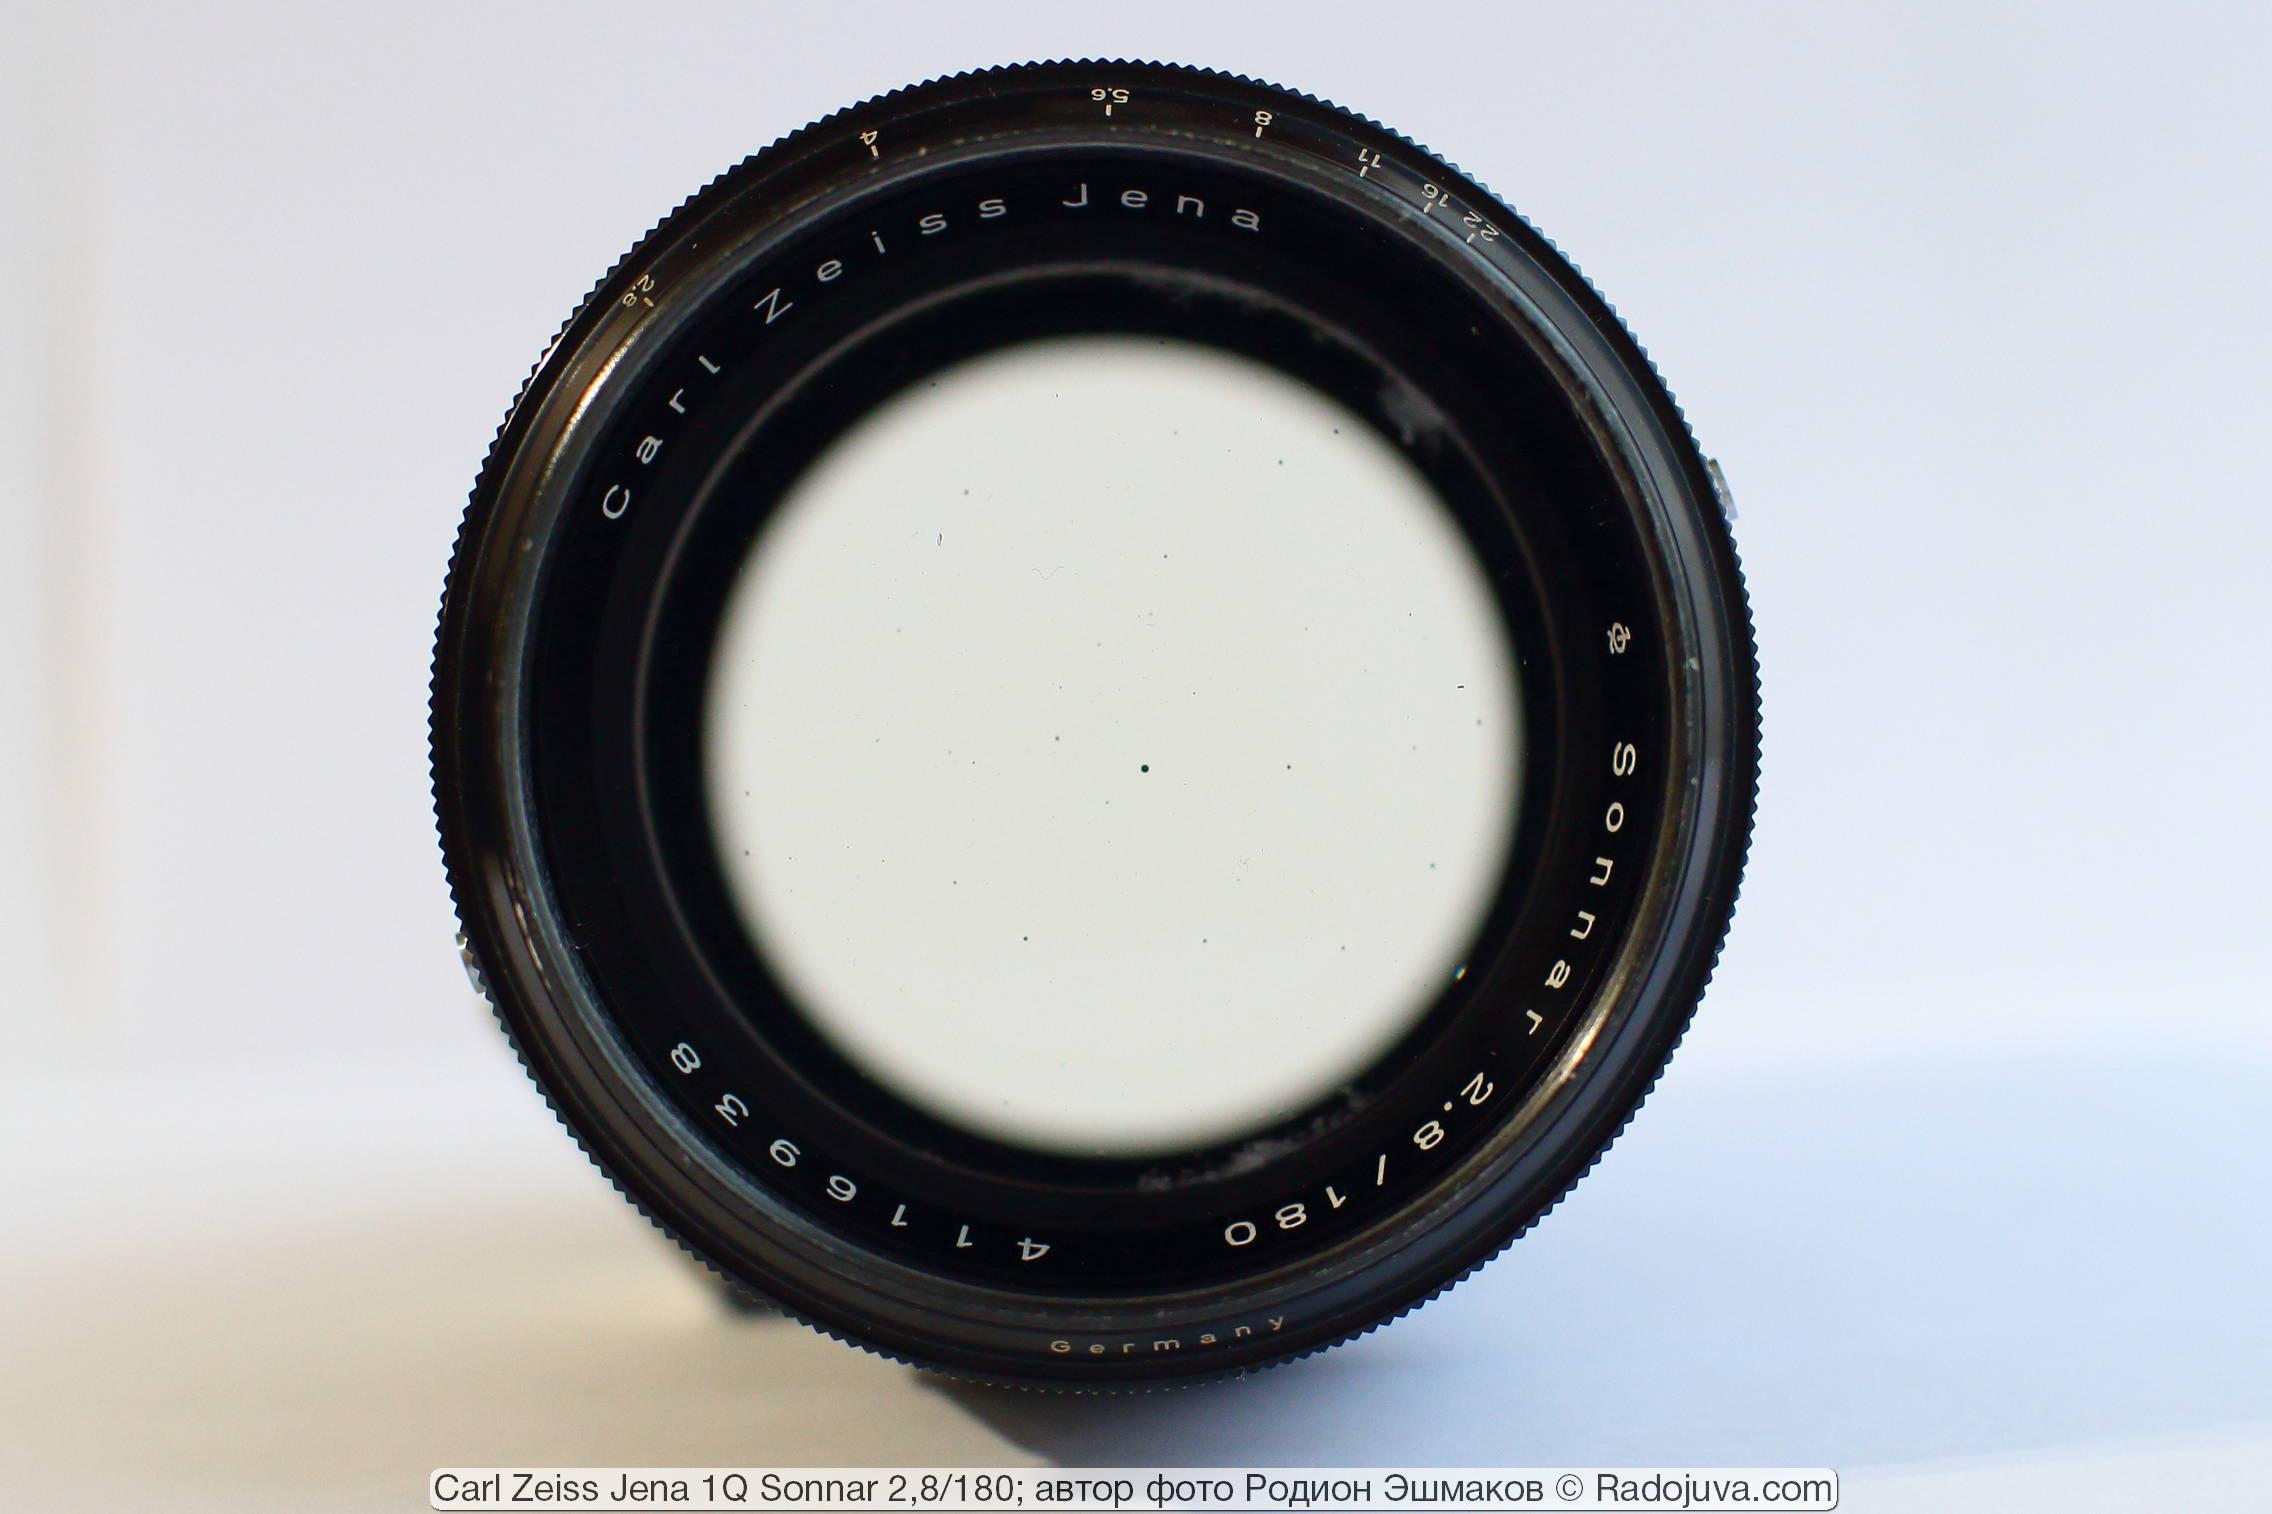 Вид объектива на просвет. Видны пузырьки в стекле – распространенное и нормальное явление для оптики первой половины 20 века.